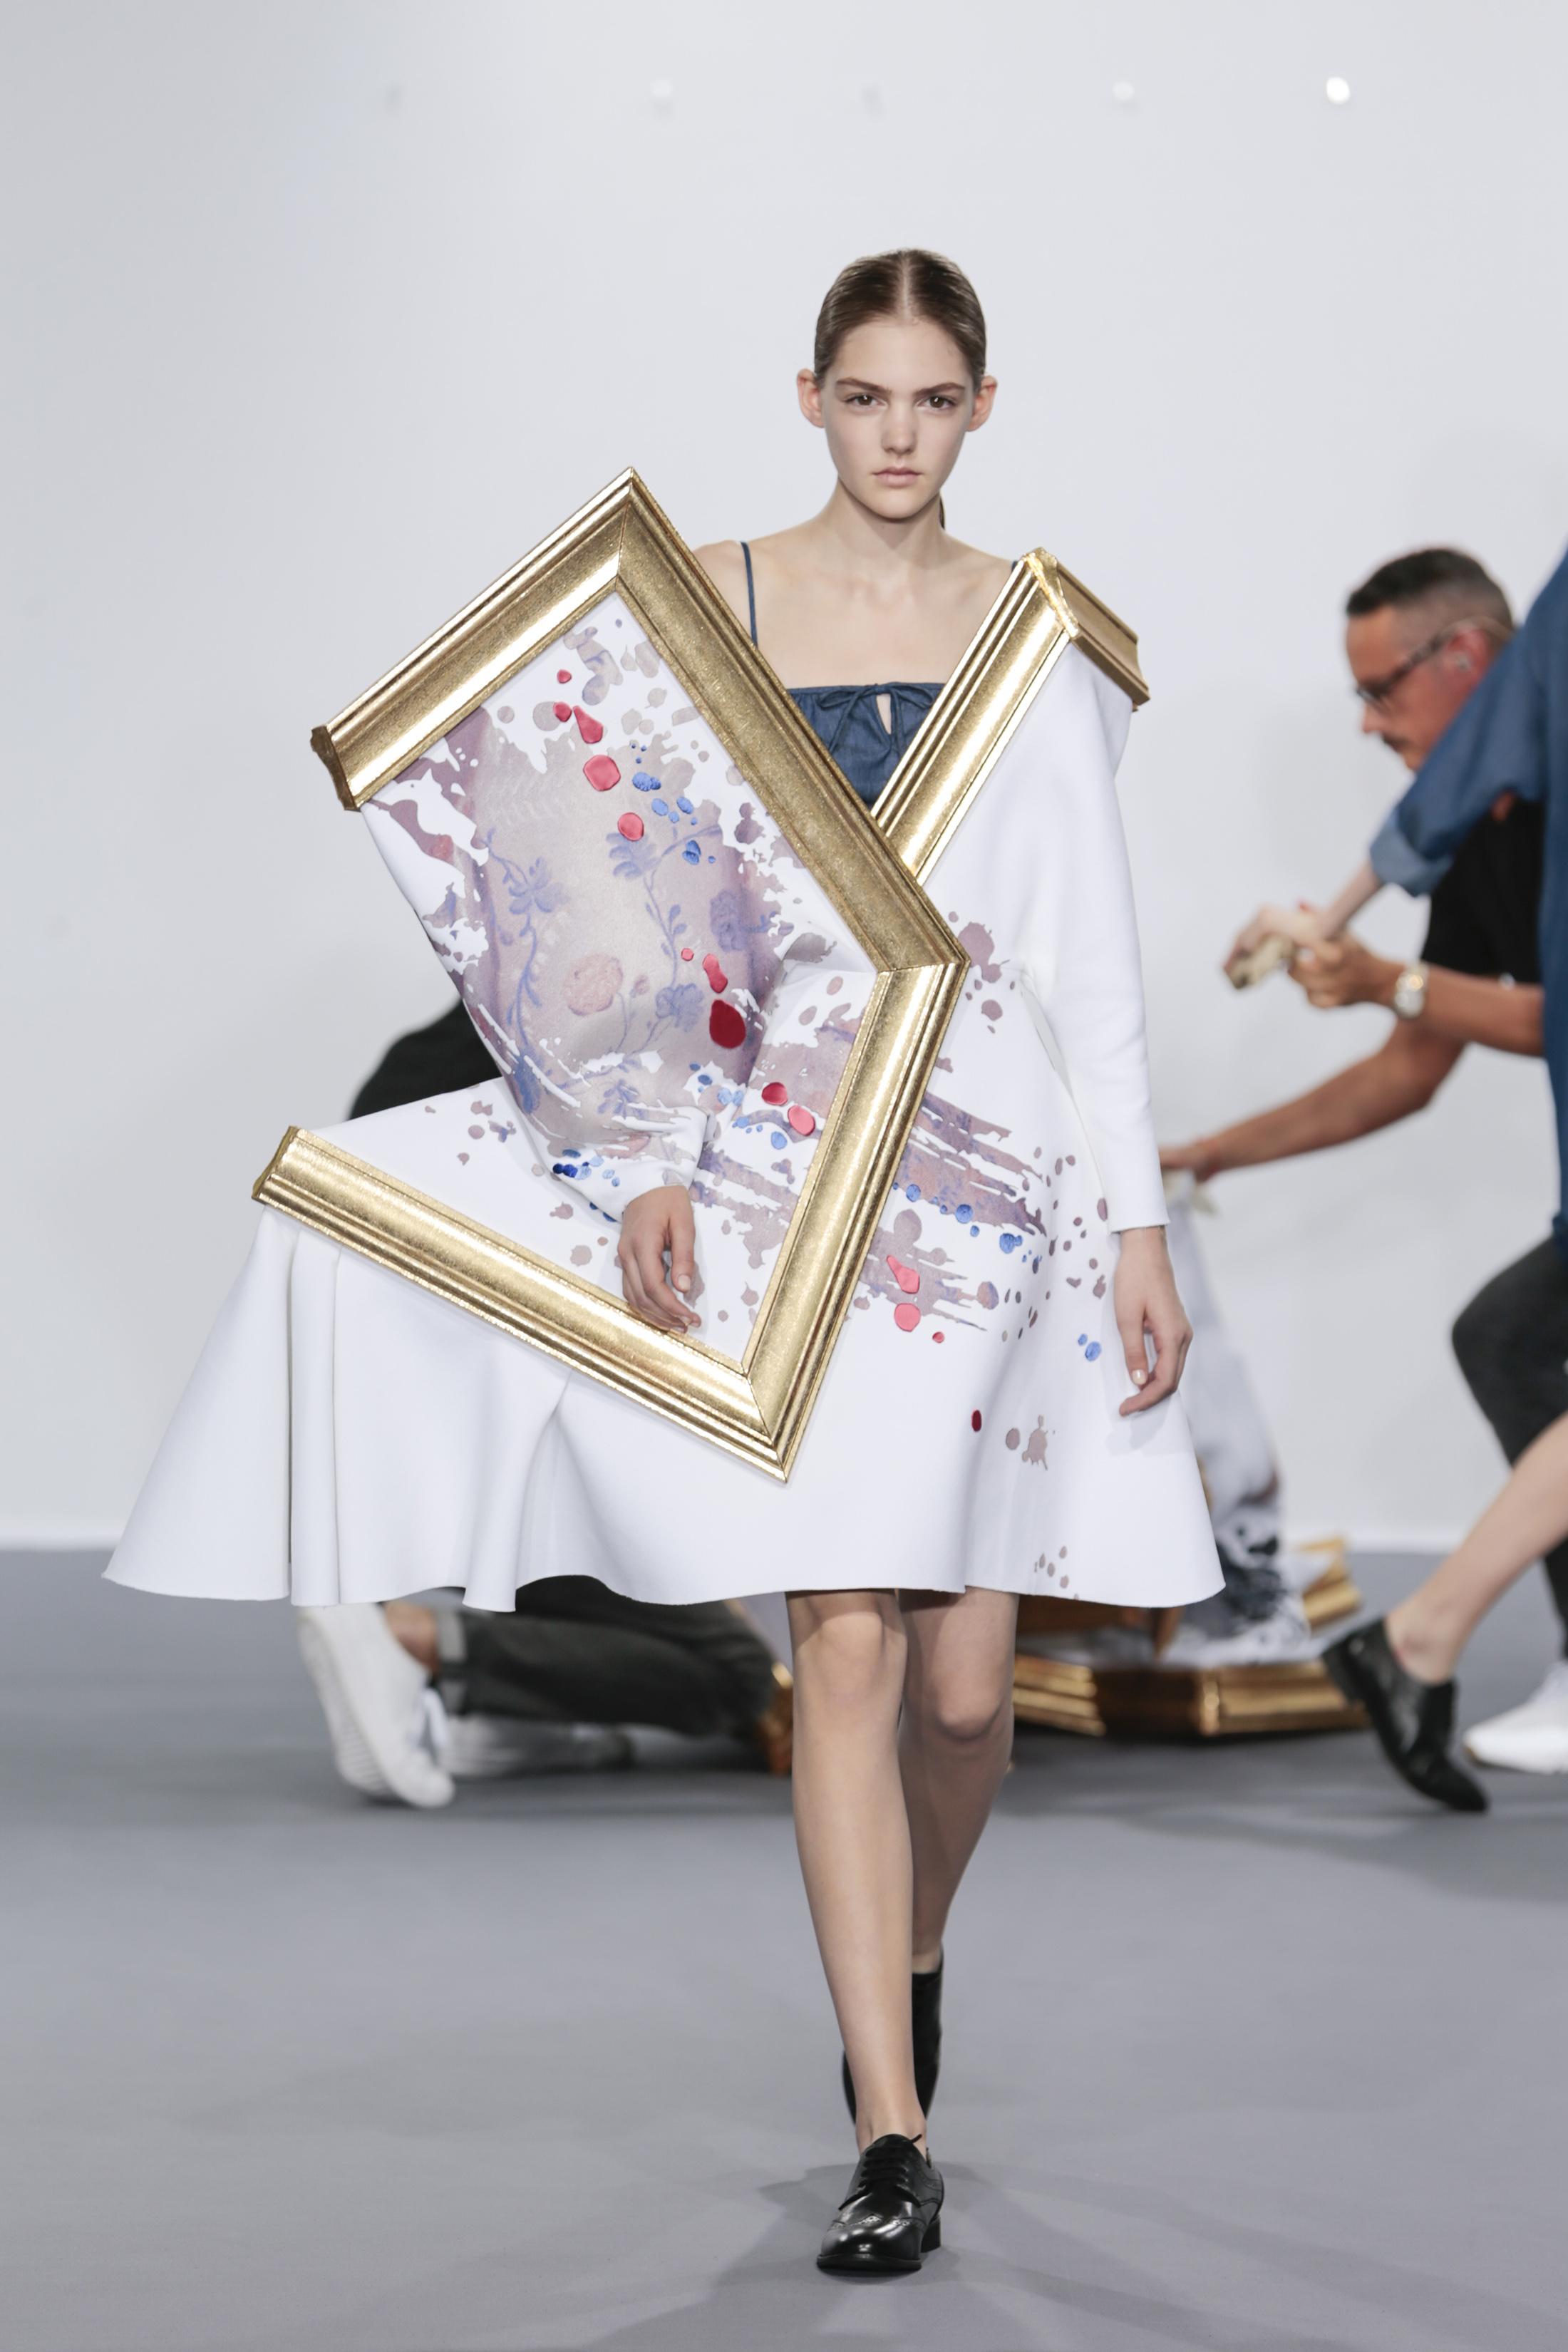 Madison, Viktor & Rolf Haute Couture, Autumn/Winter 2015, Wearable Art. Crepe de seda, tecido digitalmente estampado com filme prateado, jacquard cortado a laser, denim